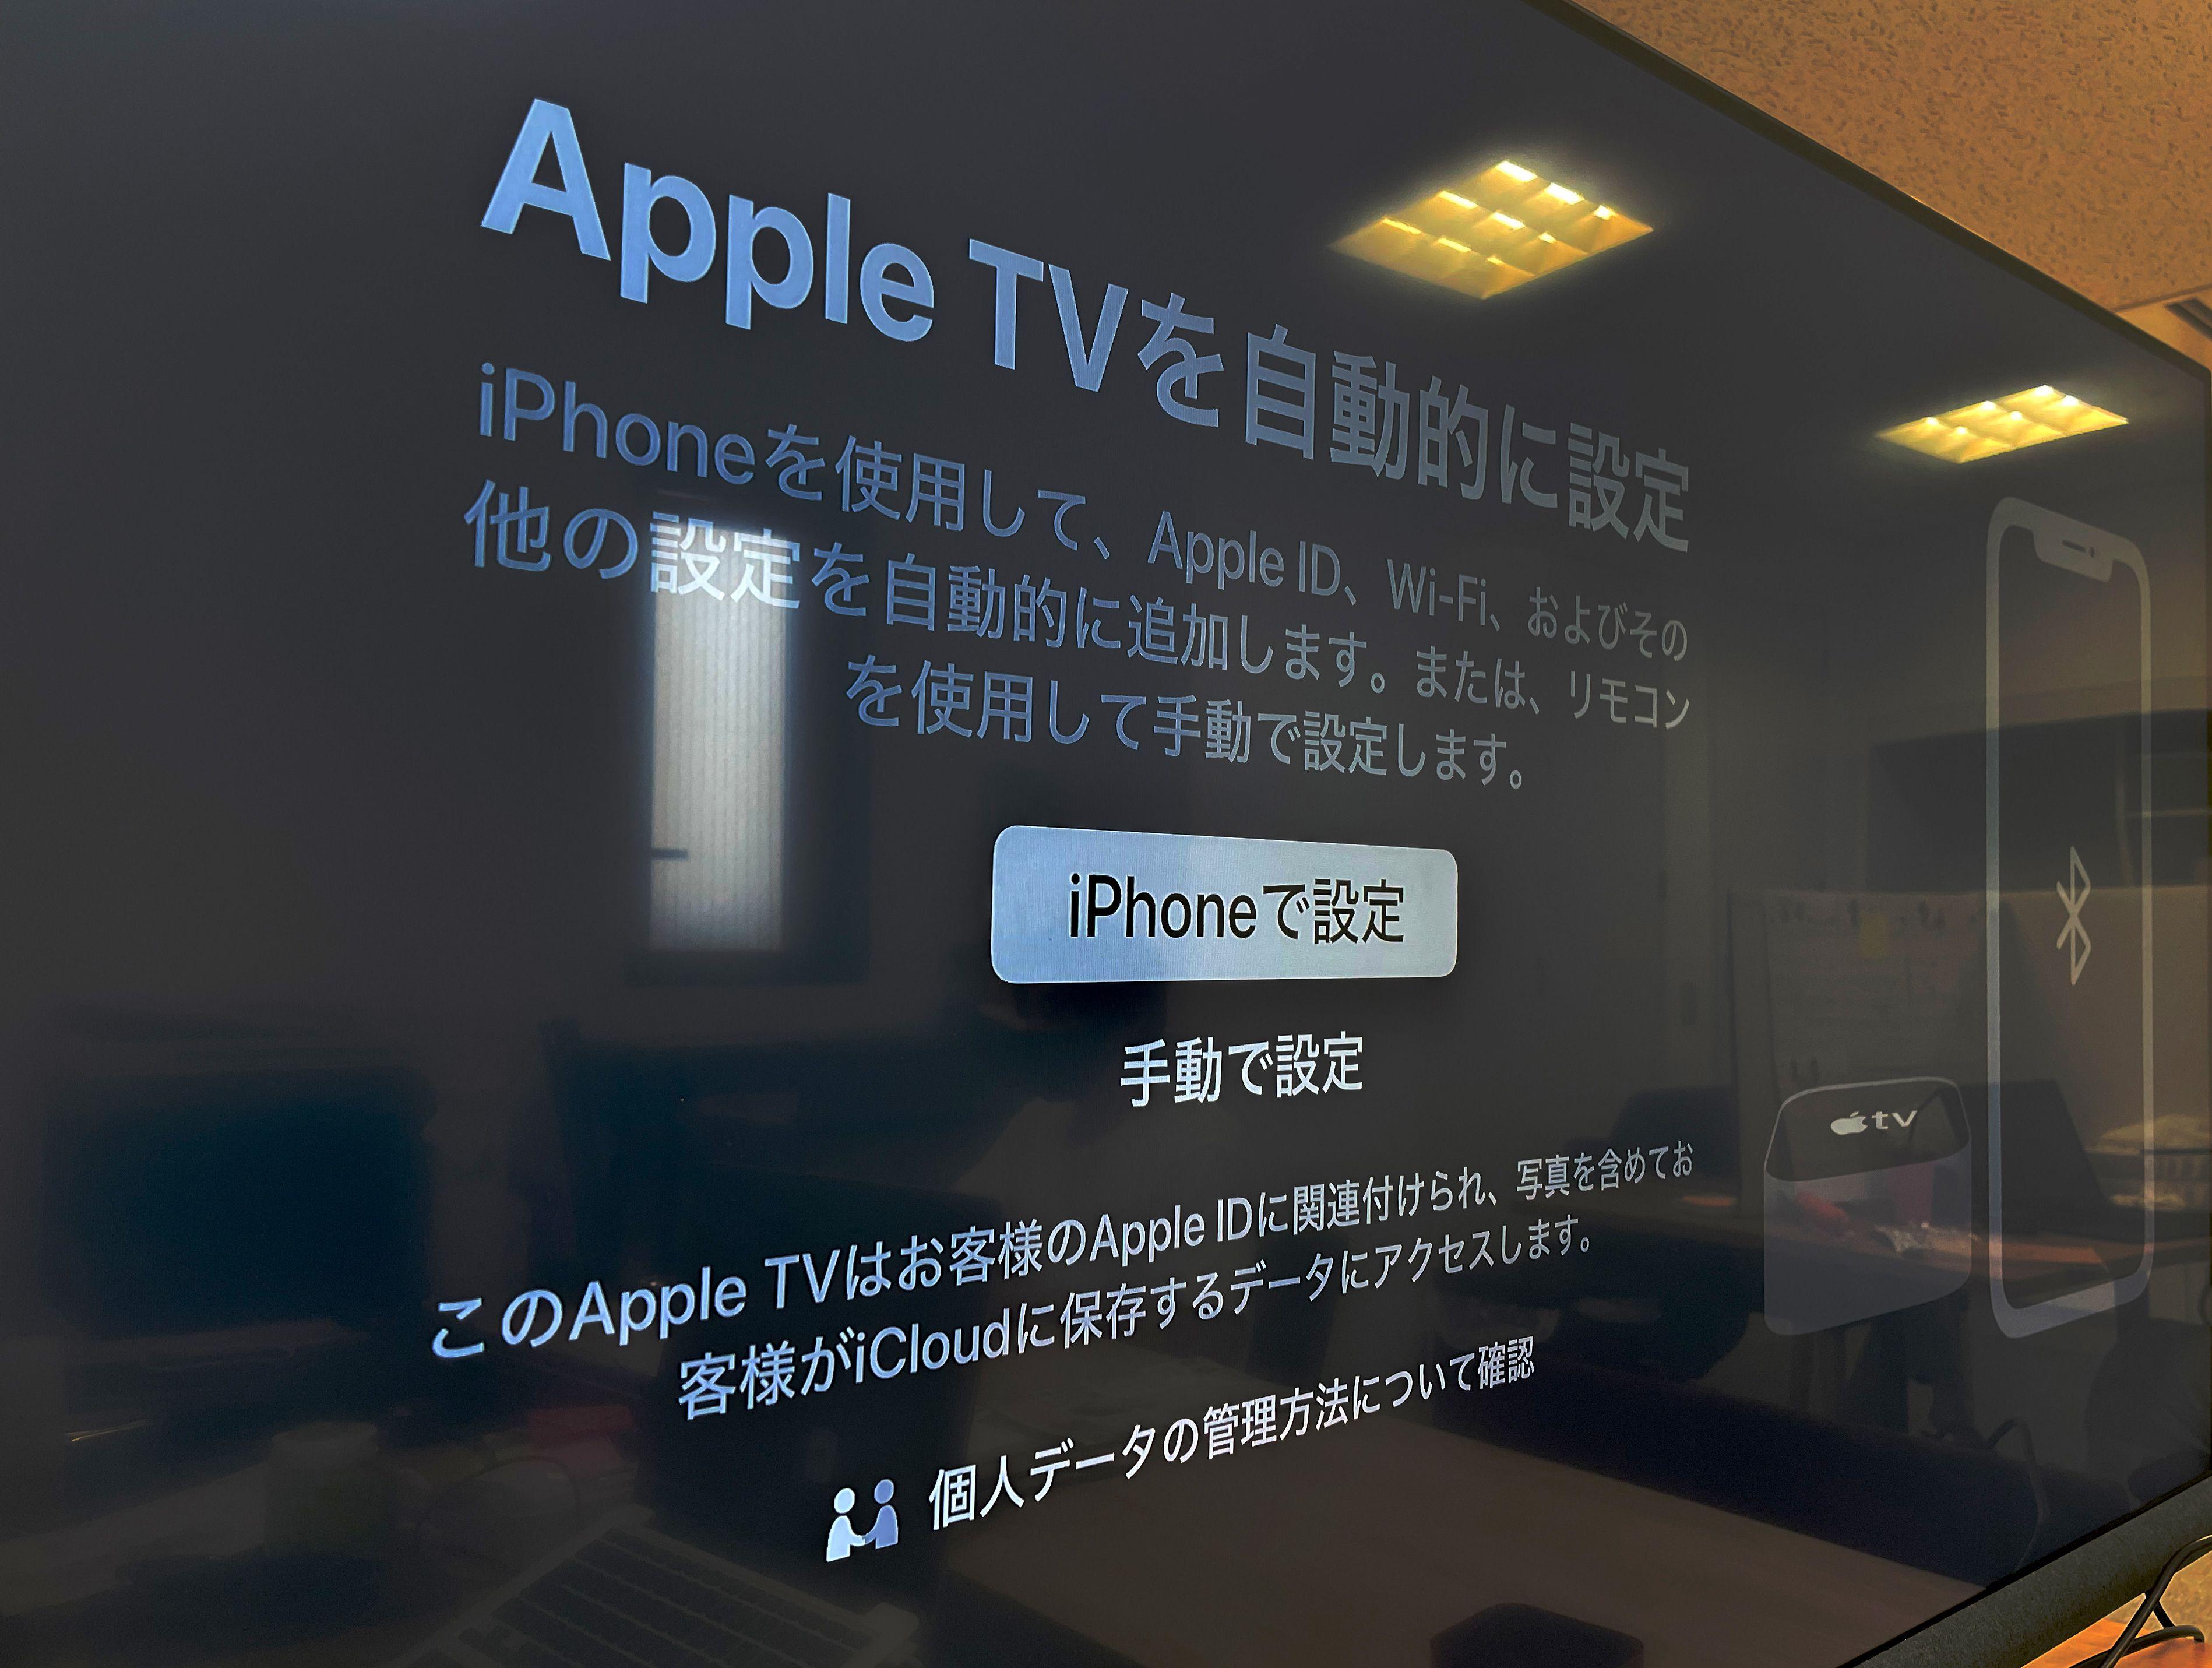 Apple TVの設定画面